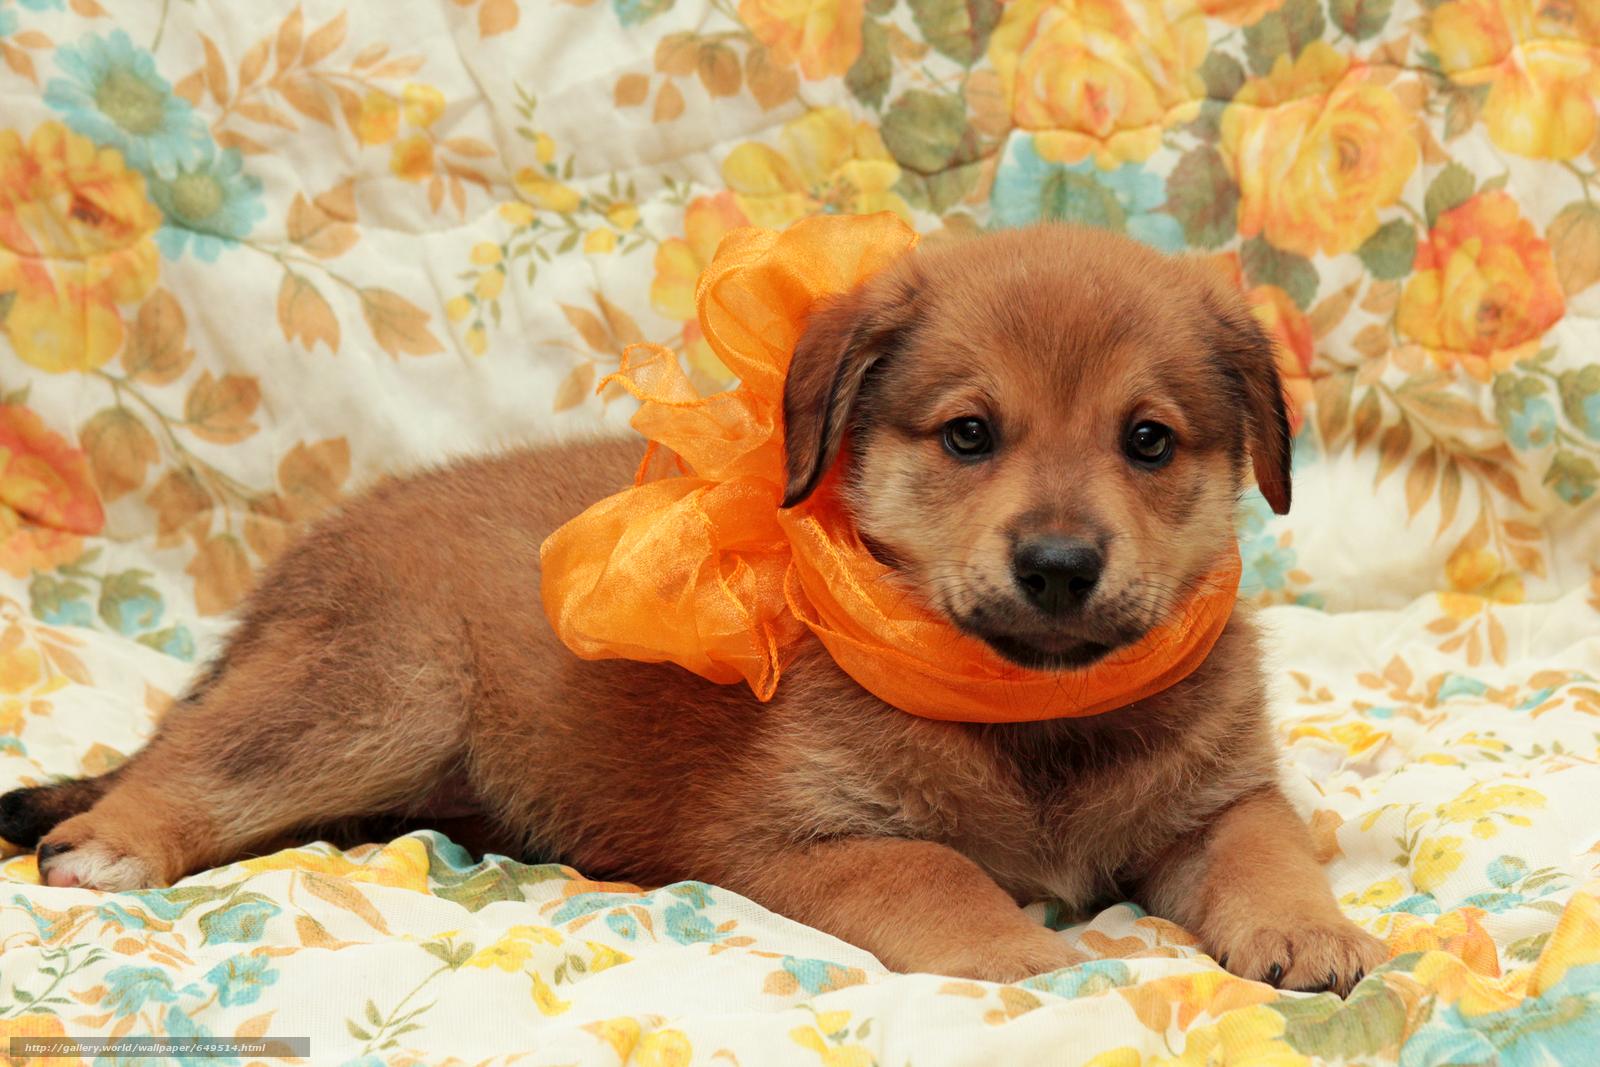 壁紙をダウンロード 犬,  犬,  子犬,  子犬 デスクトップの解像度のための無料壁紙 5184x3456 — 絵 №649514